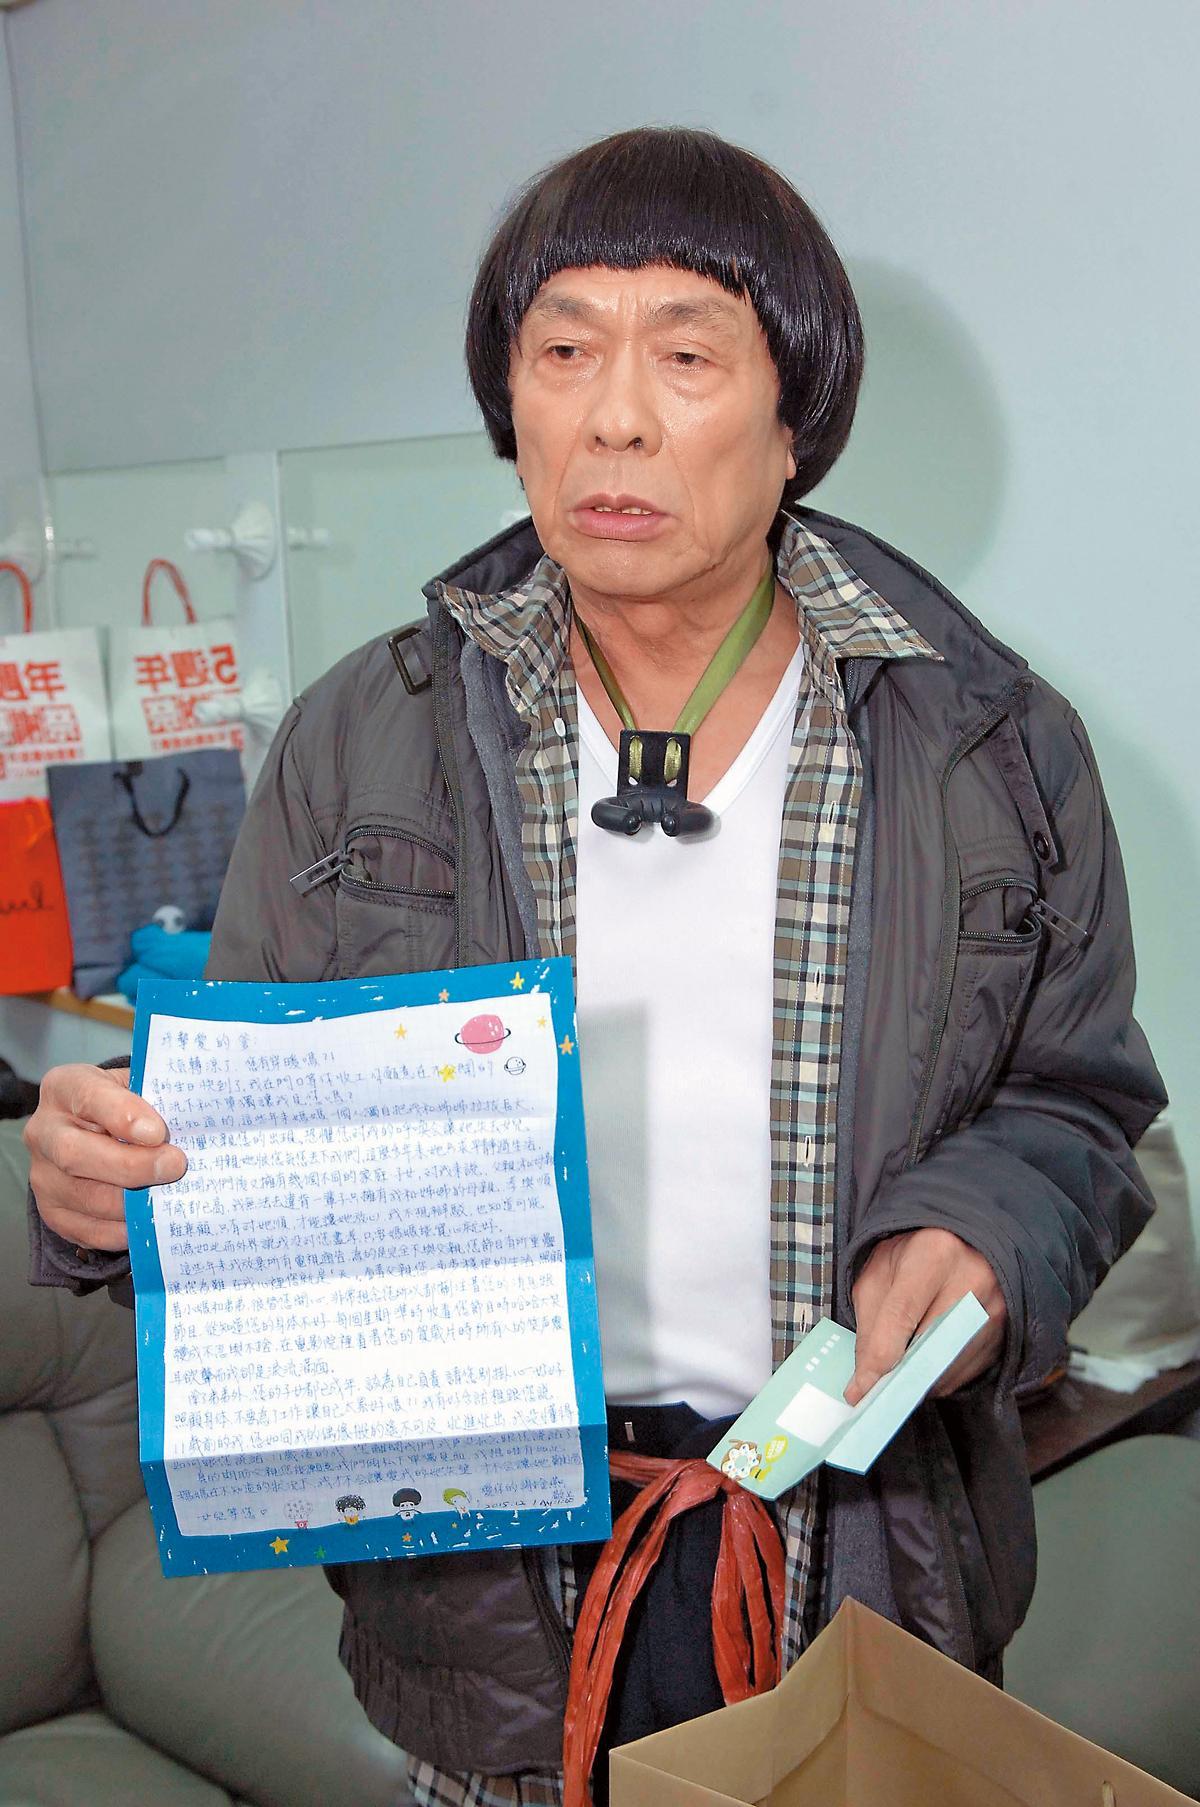 豬哥亮僅有在臨終進醫院時,才跟謝金燕破冰。他在世時曾秀出謝金燕寫給他的親筆信,父女關係雪上加霜。(華視提供)